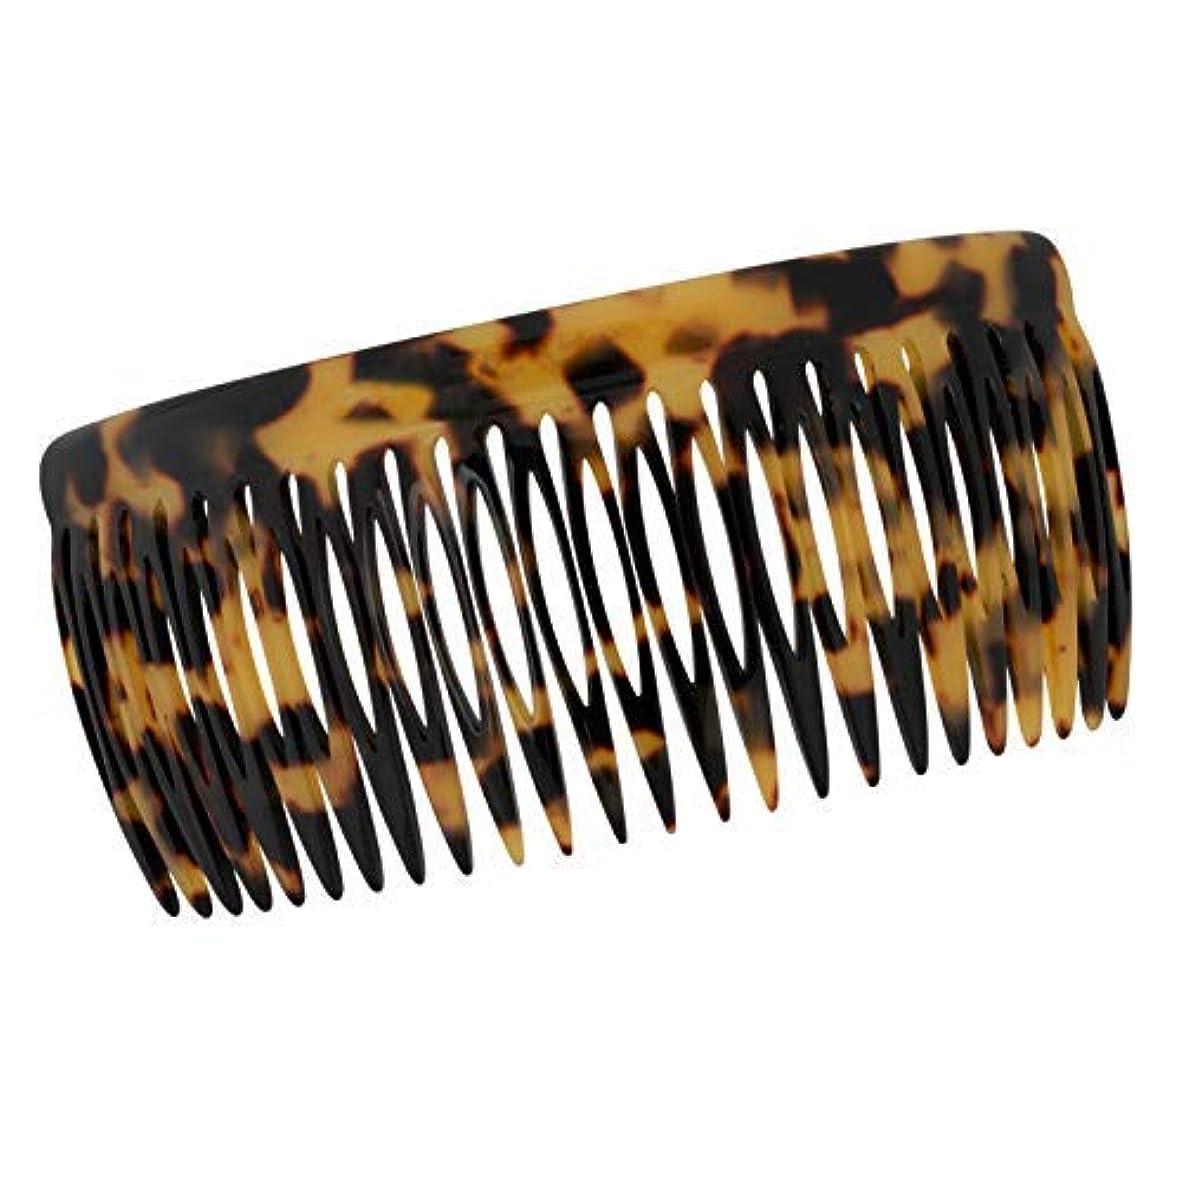 下る舌本質的ではないCharles J. Wahba Long Classic Long Side Comb - 24 Teeth - Handmade in France (Tokyo Tortoise Color) [並行輸入品]